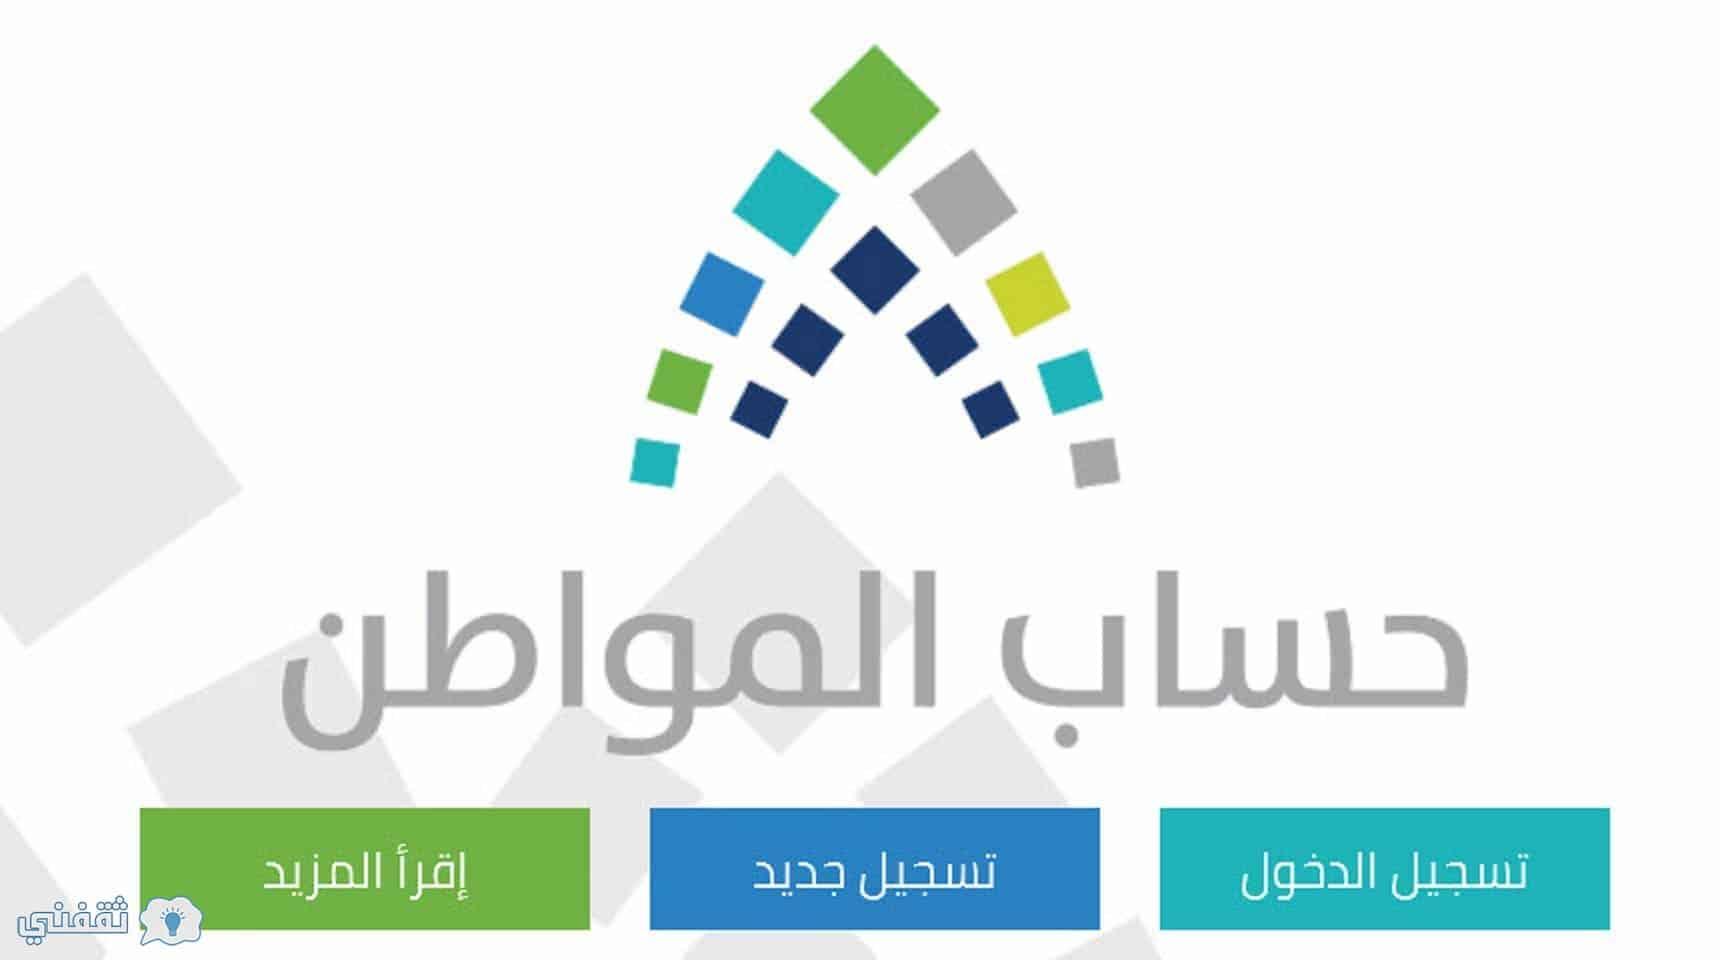 حساب المواطن تسجيل الدخول استعلام الدورة 24 عبر البوابة